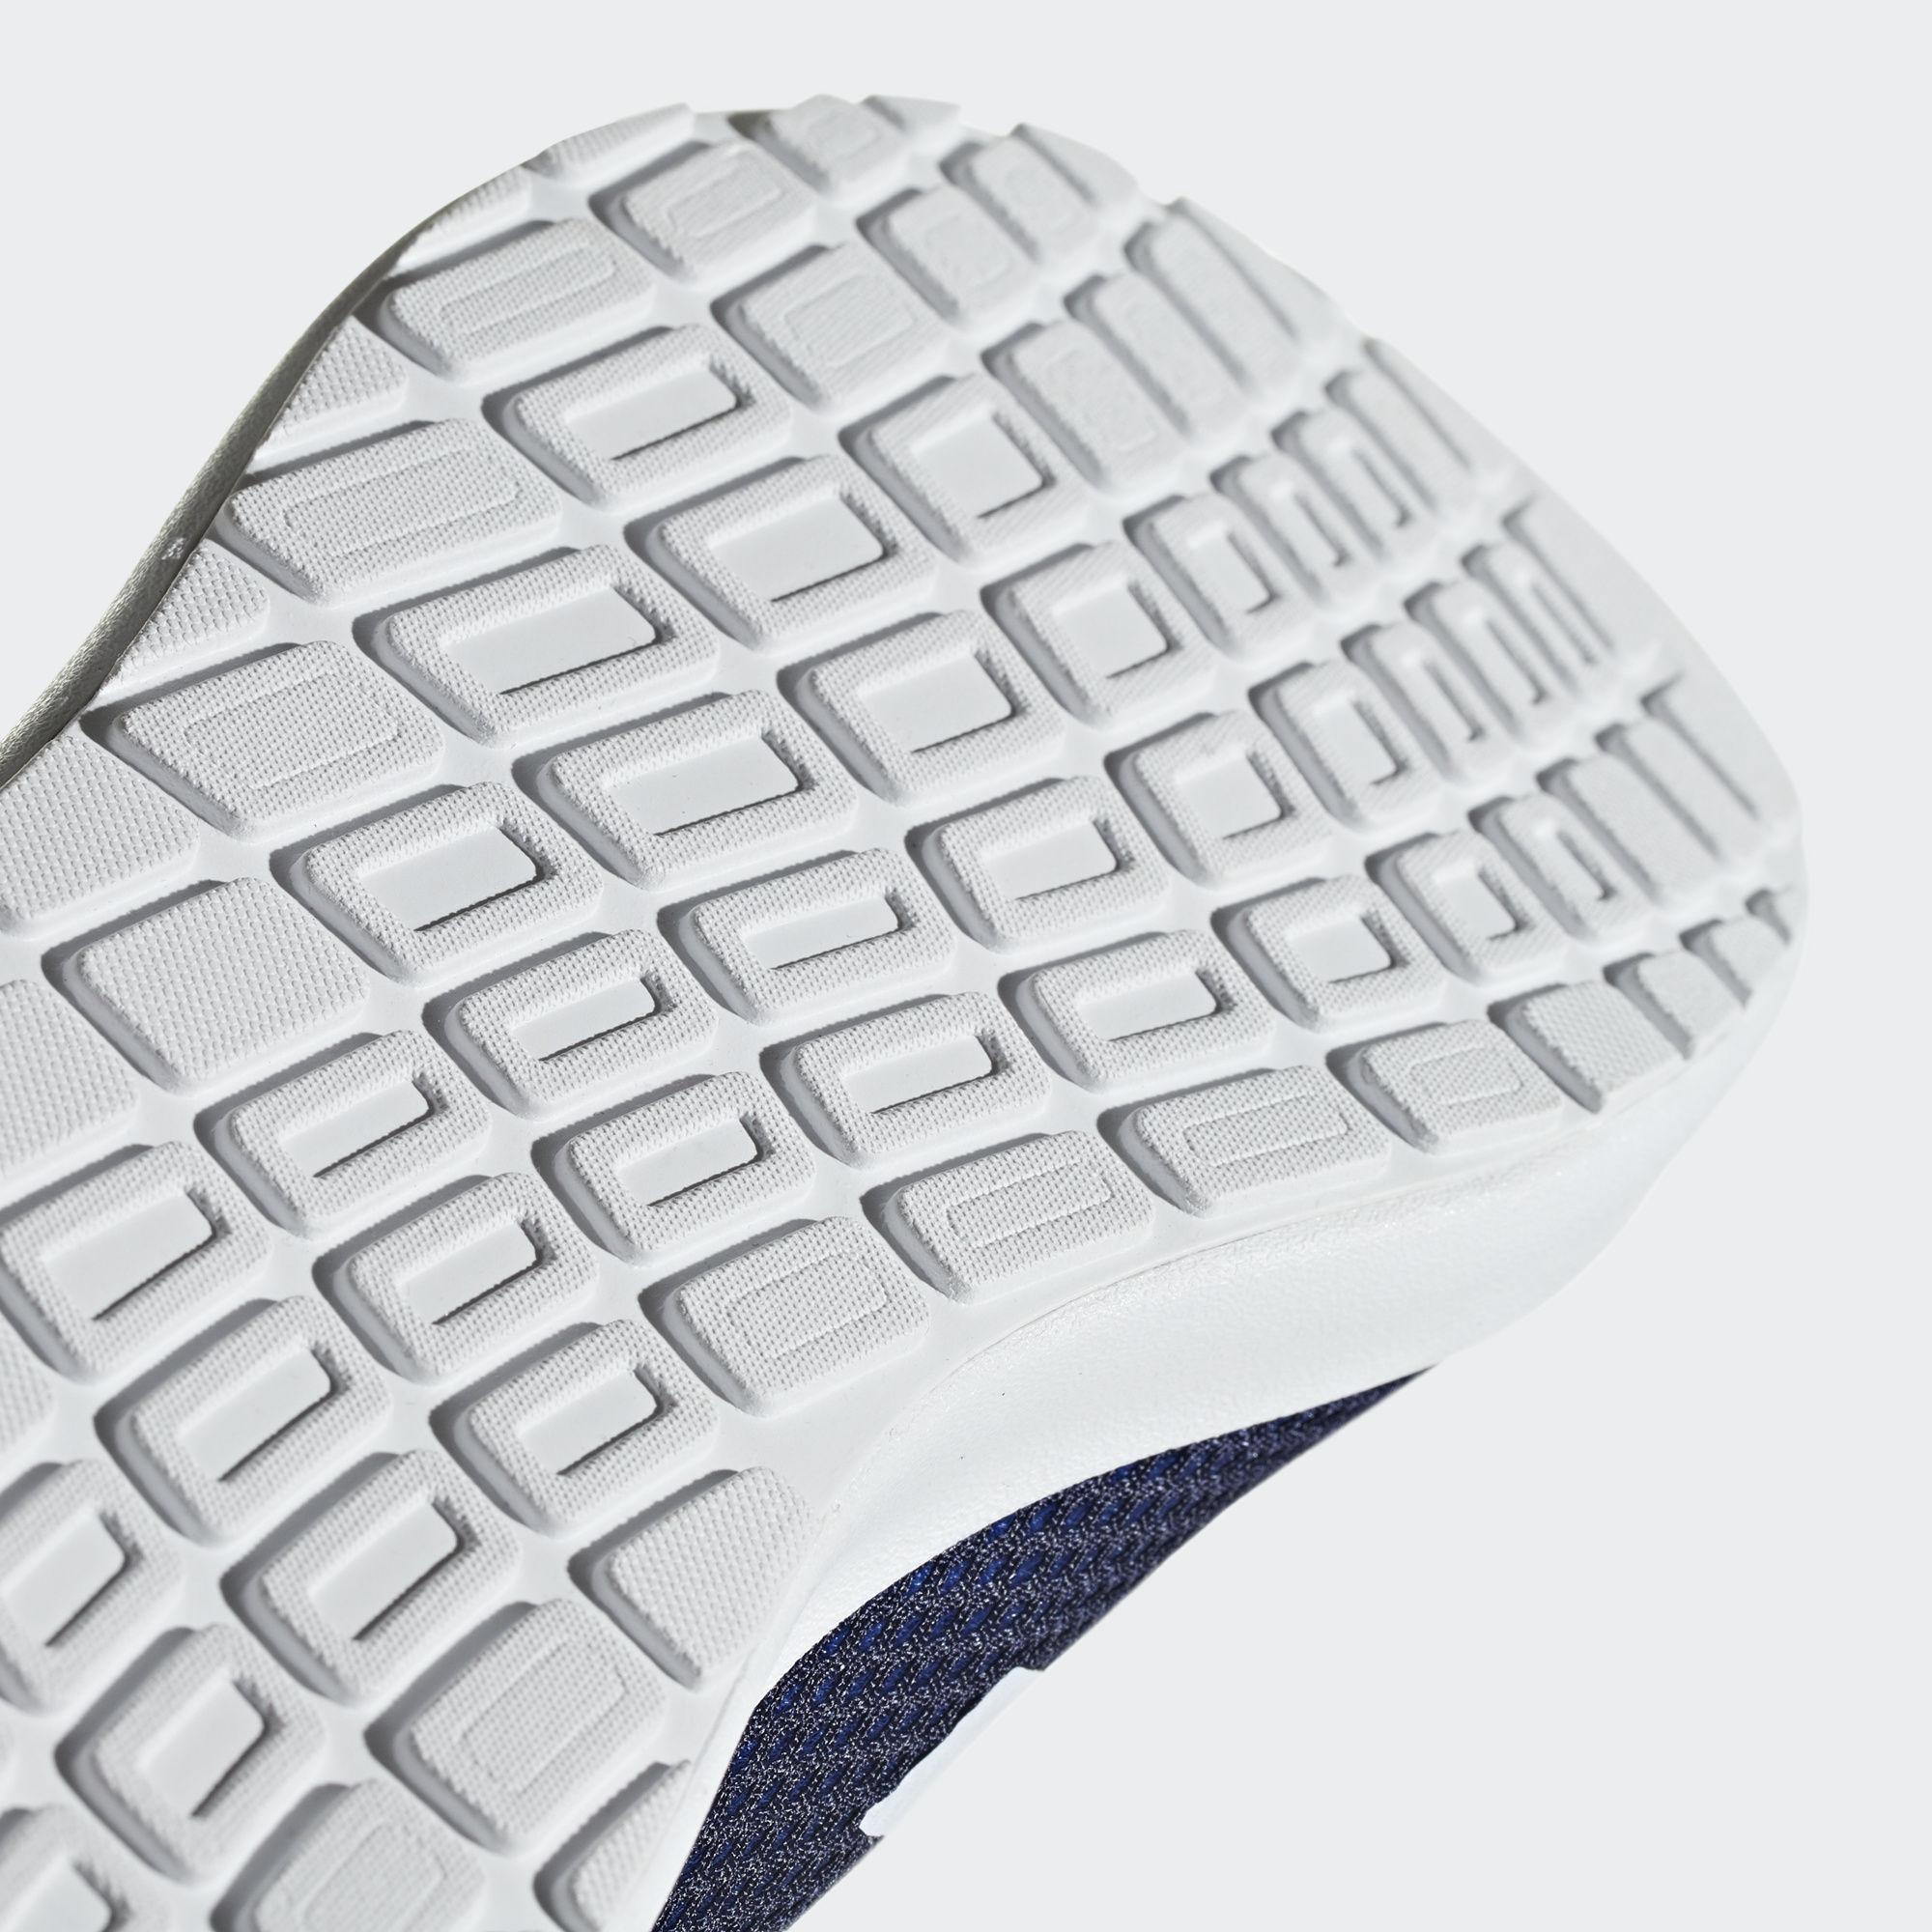 saldar Concesión Ojalá  Кроссовки для бега Element Race F34846 Adidas Neo - Украина | ONETEAM.COM.UA